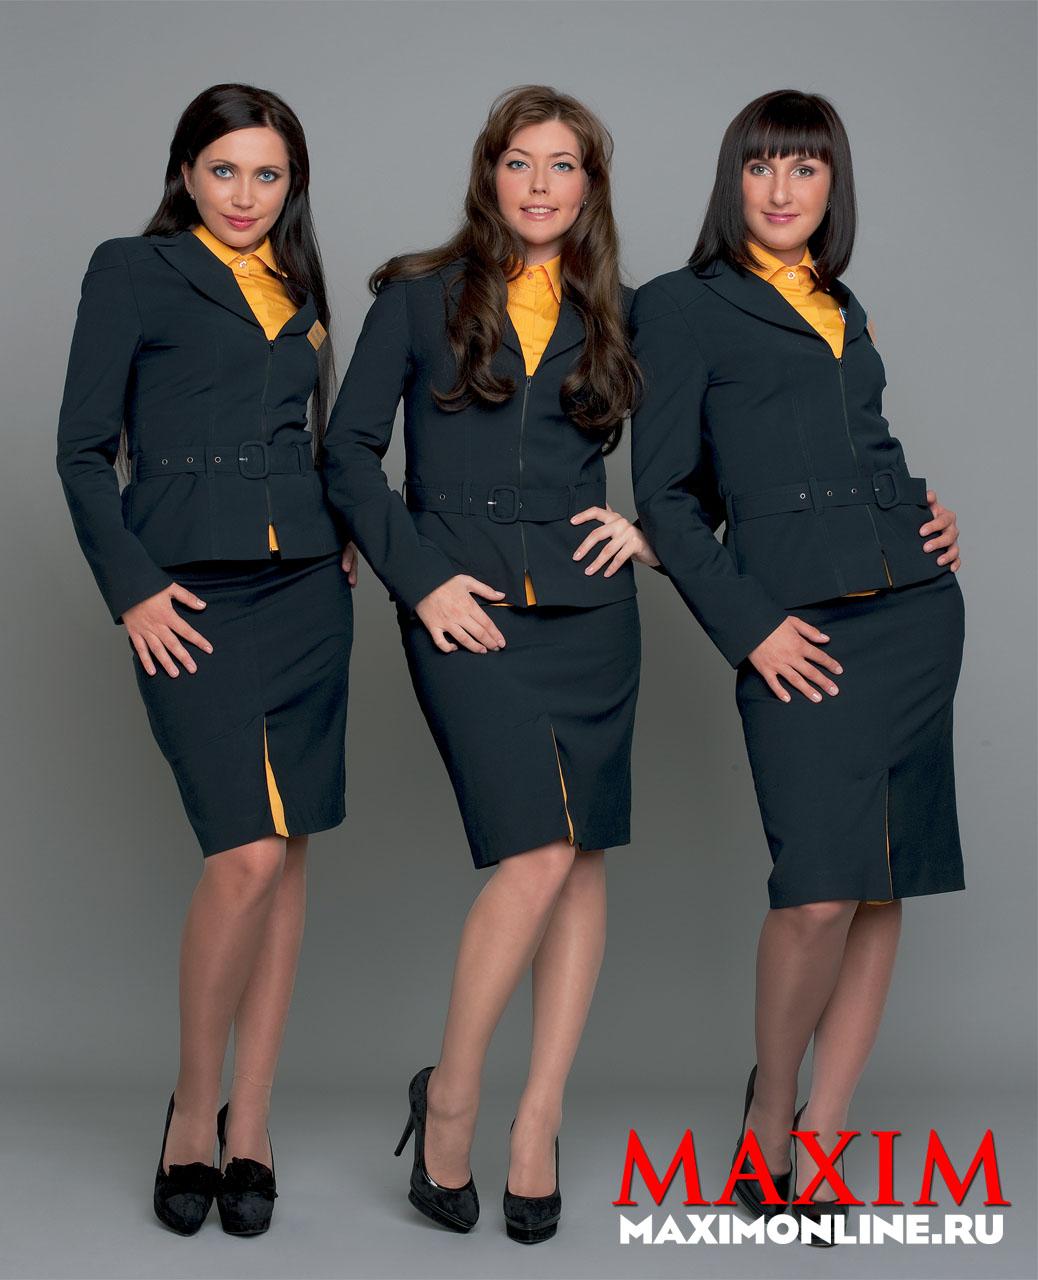 naked-stewardess-pics-naked-black-amateur-girl